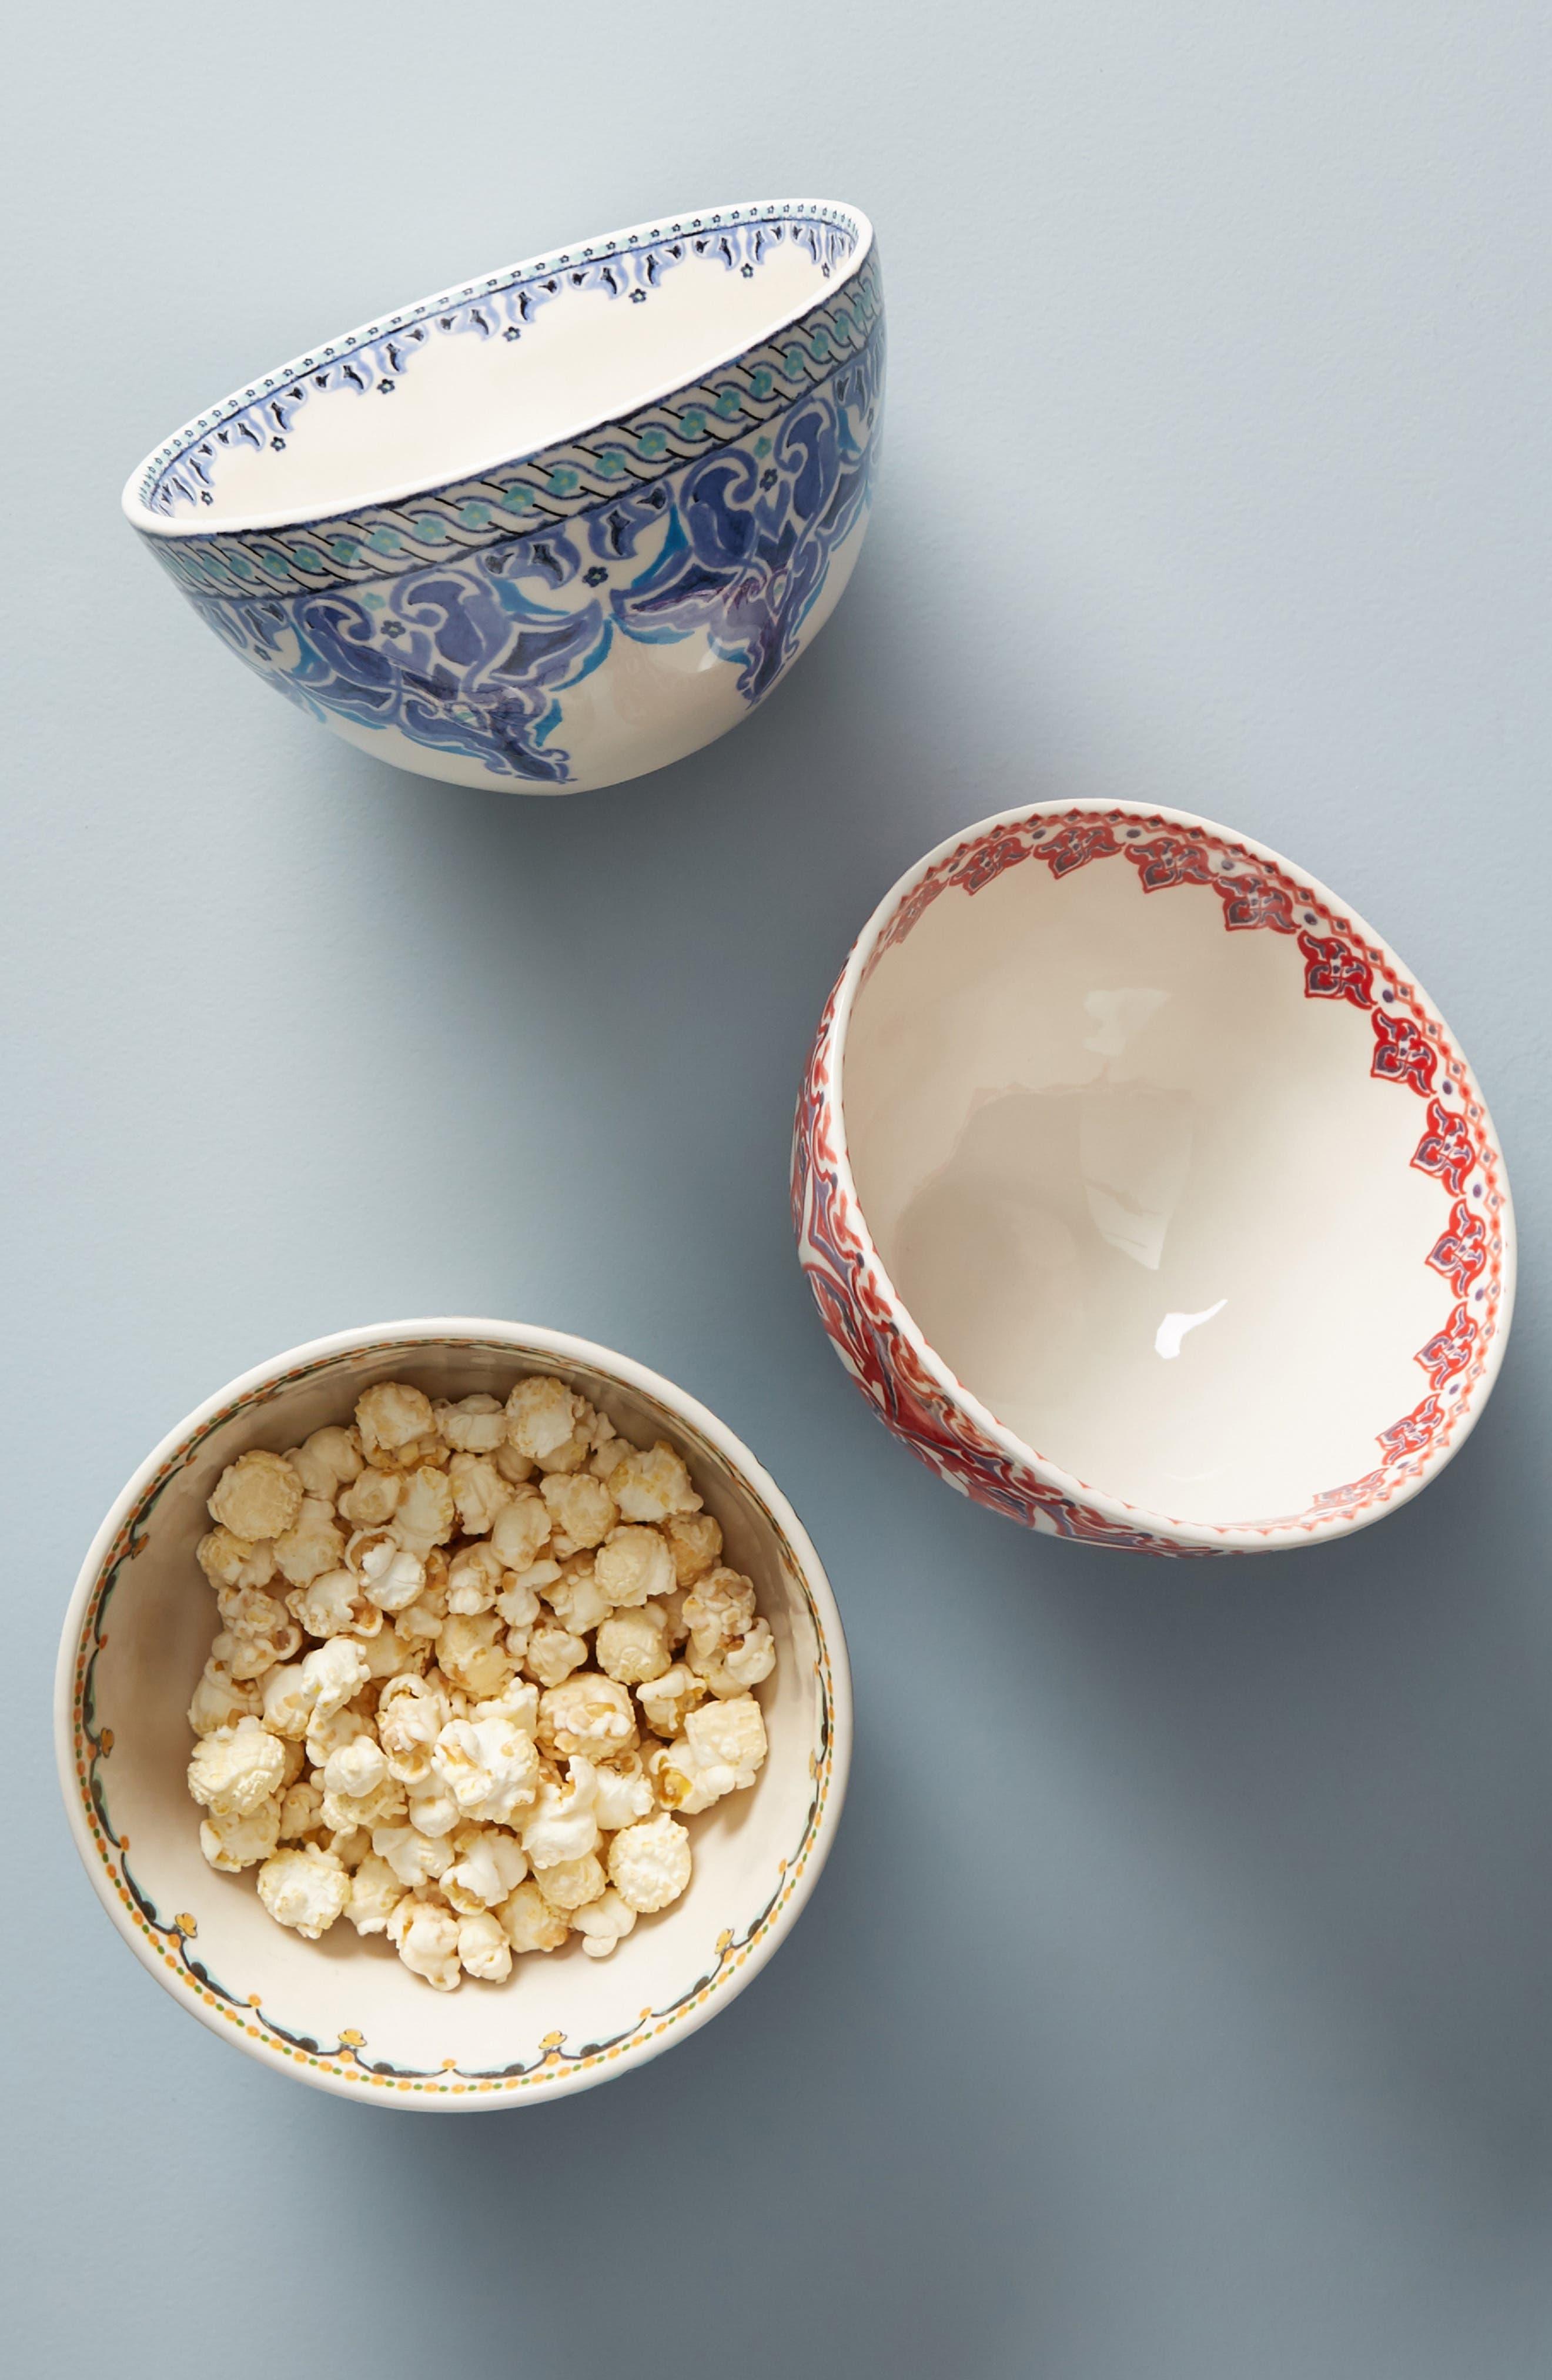 anthropologie nirita bowl